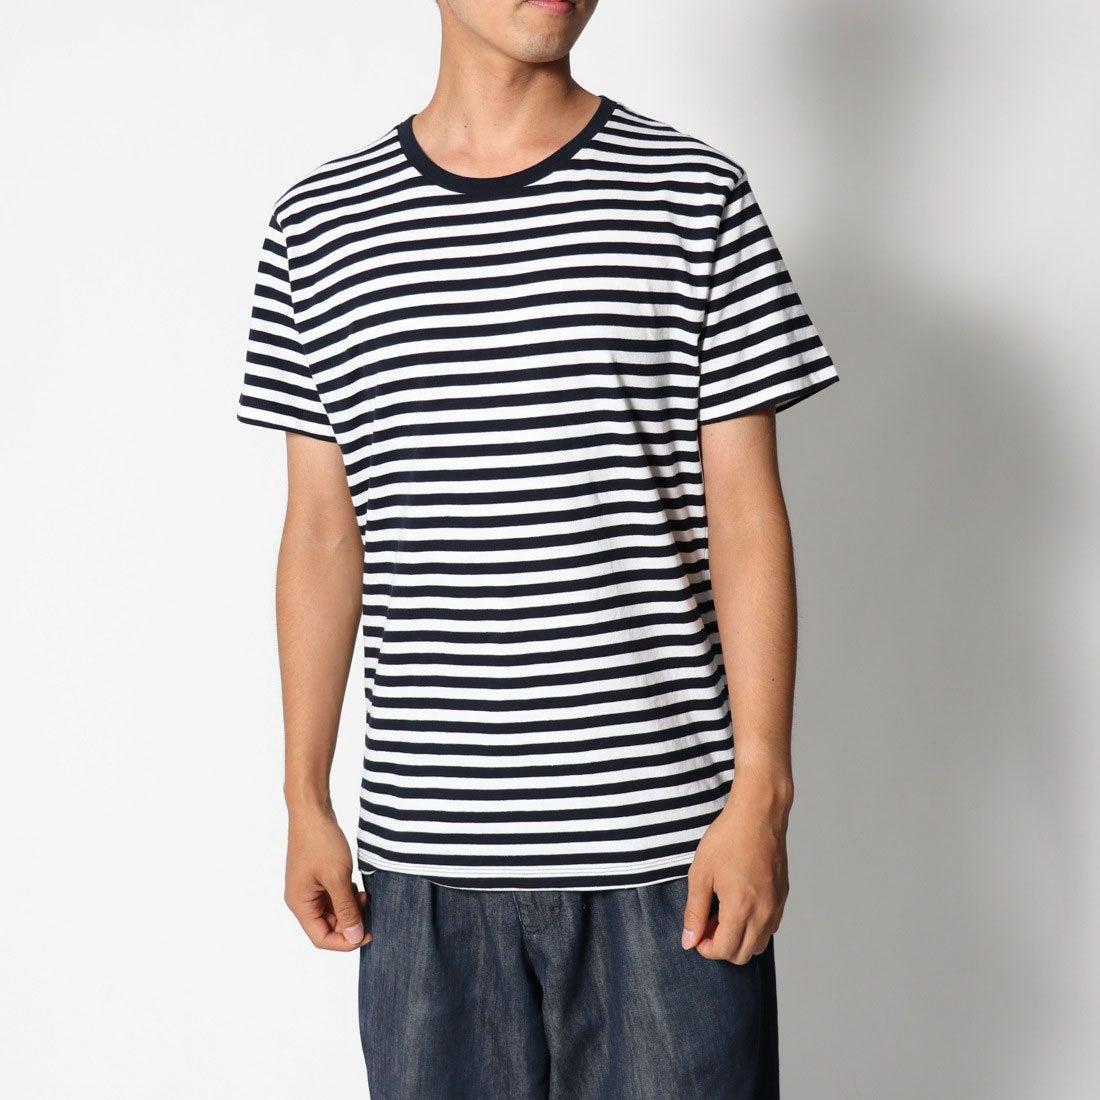 ロコンド 靴とファッションの通販サイトリネーム Rename クルーネックボーダーTシャツ (ホワイトxネイビー)